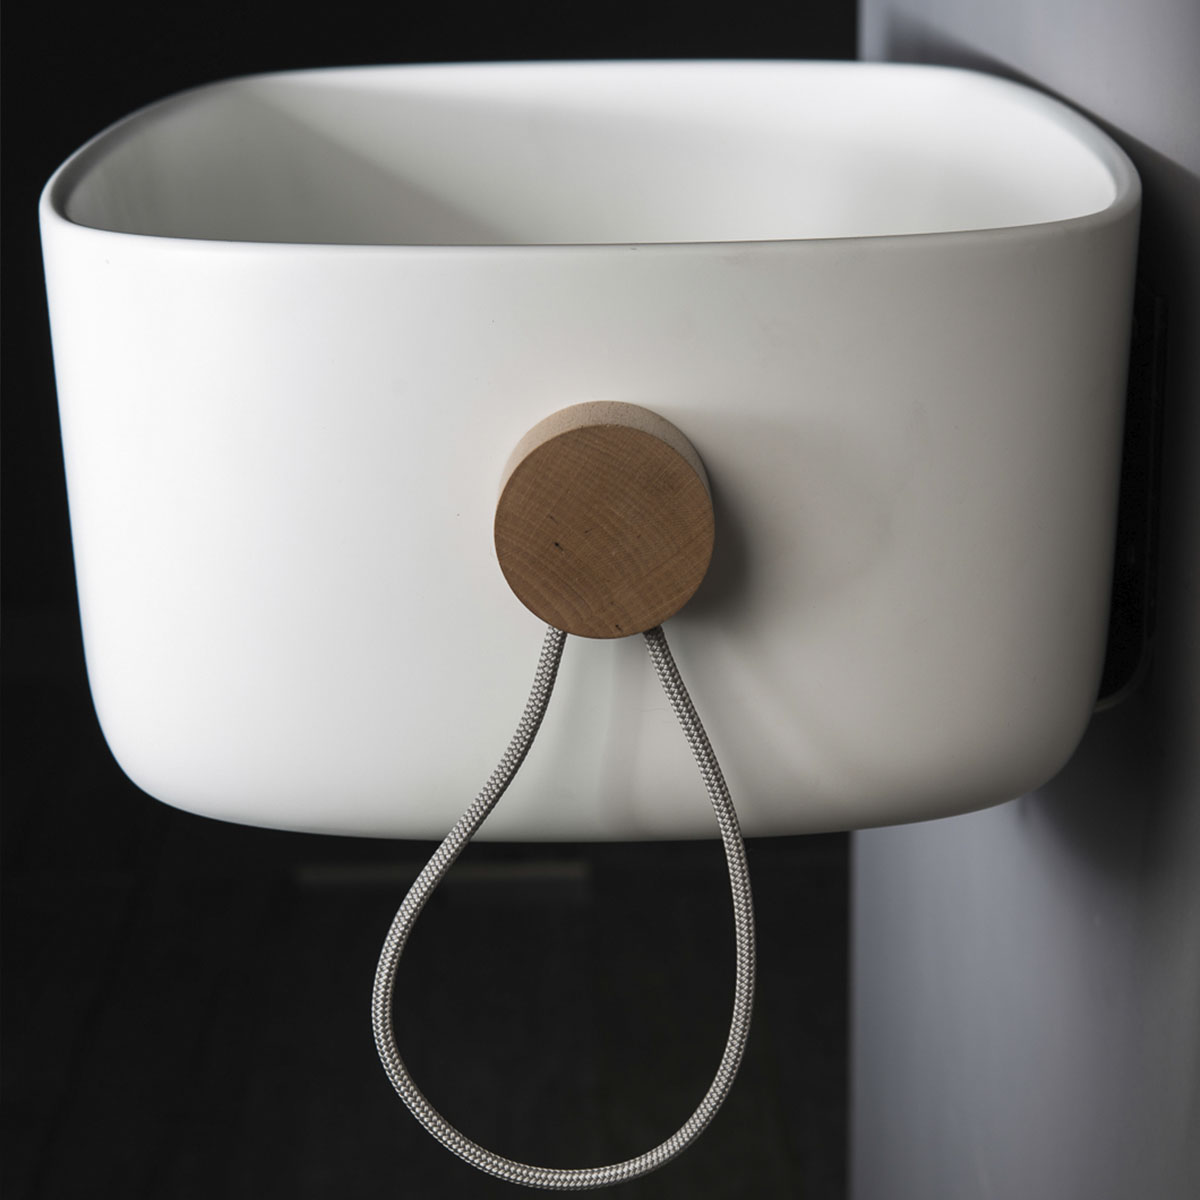 lavabo sospeso bagno bounce con portasciugamani laterale ever life design